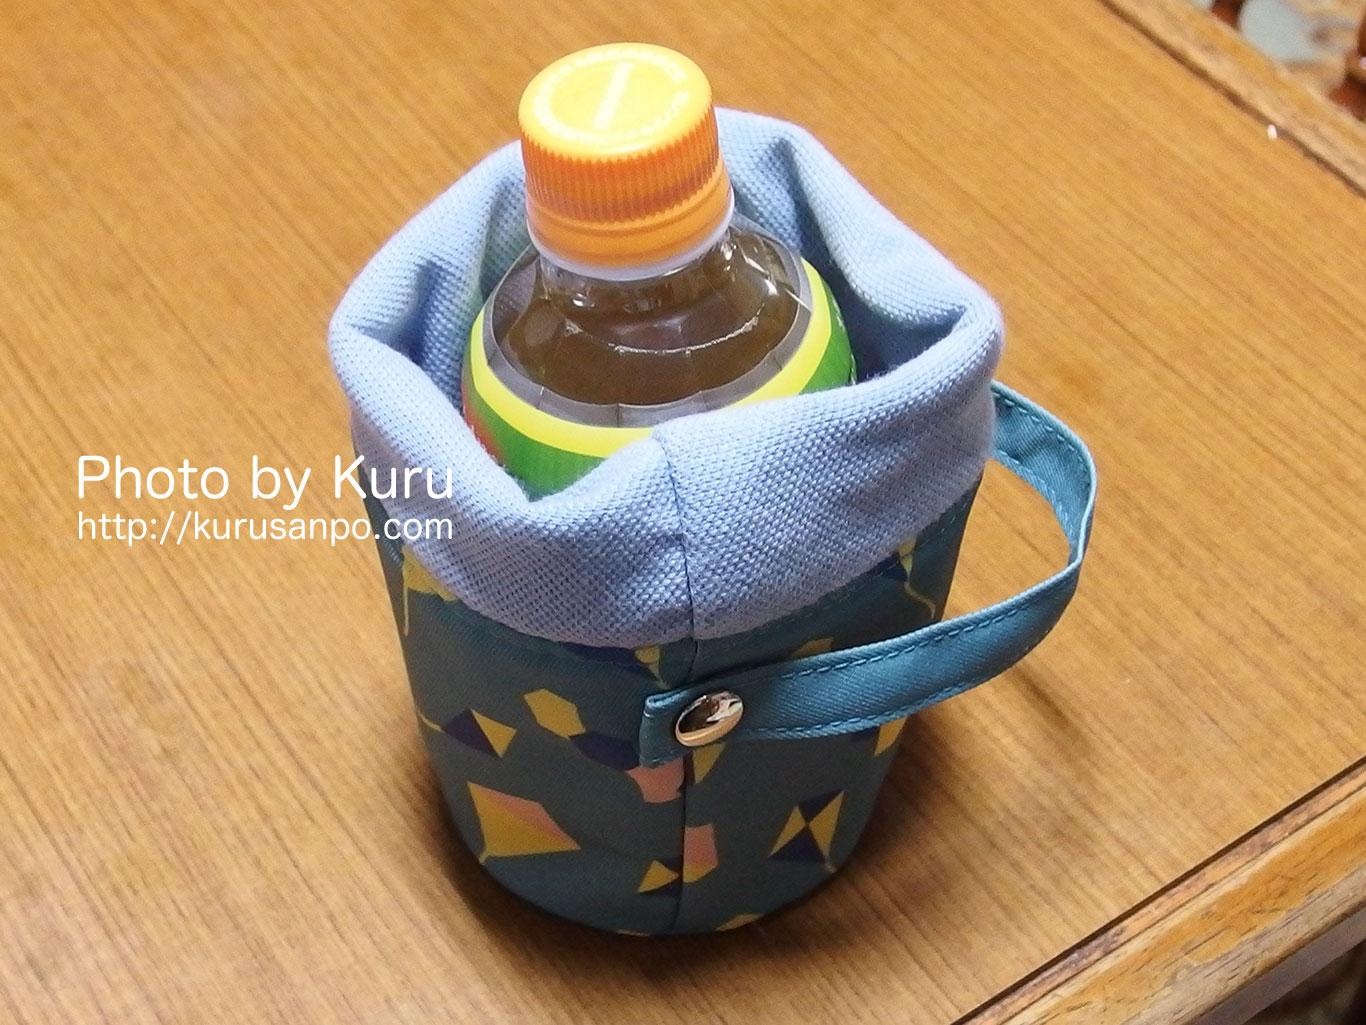 FELESSIMO(フェリシモ)『もう悩まない! 汗かきカップ&ペットボトルの 2-way保冷・保温ホルダーの会』